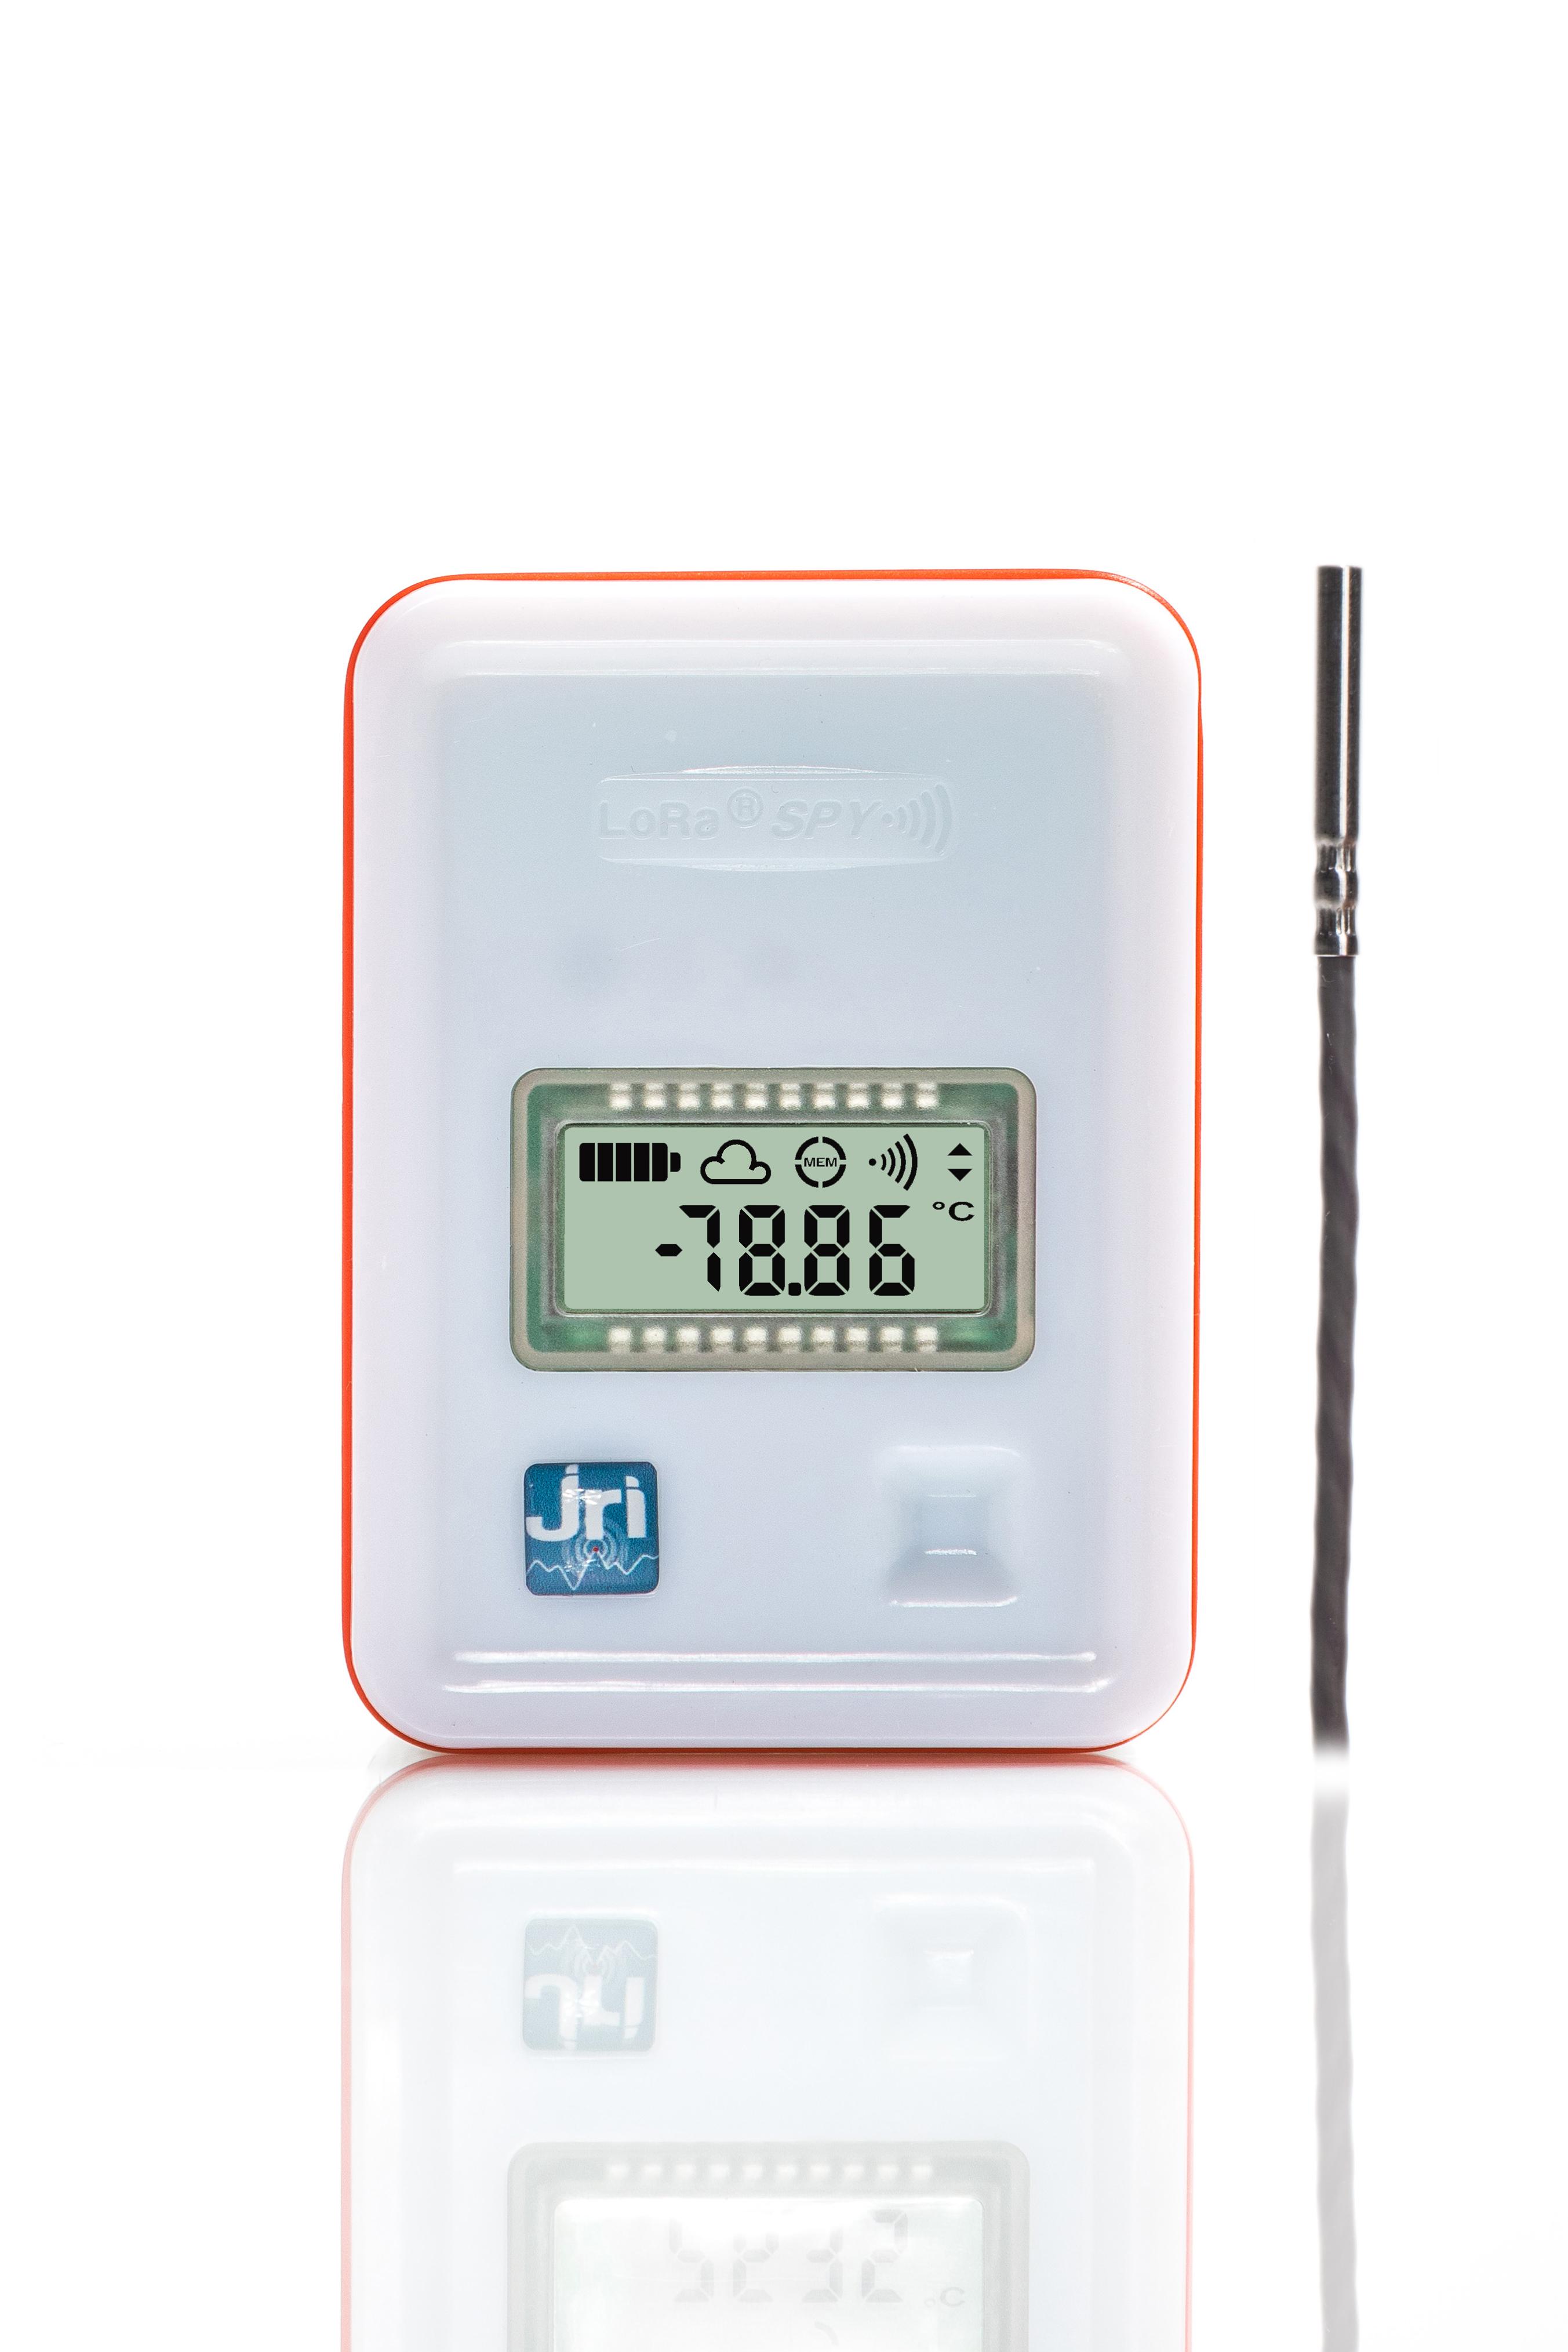 Sistem de monitorizare temperaturi joase si foarte joase (azot lichid)